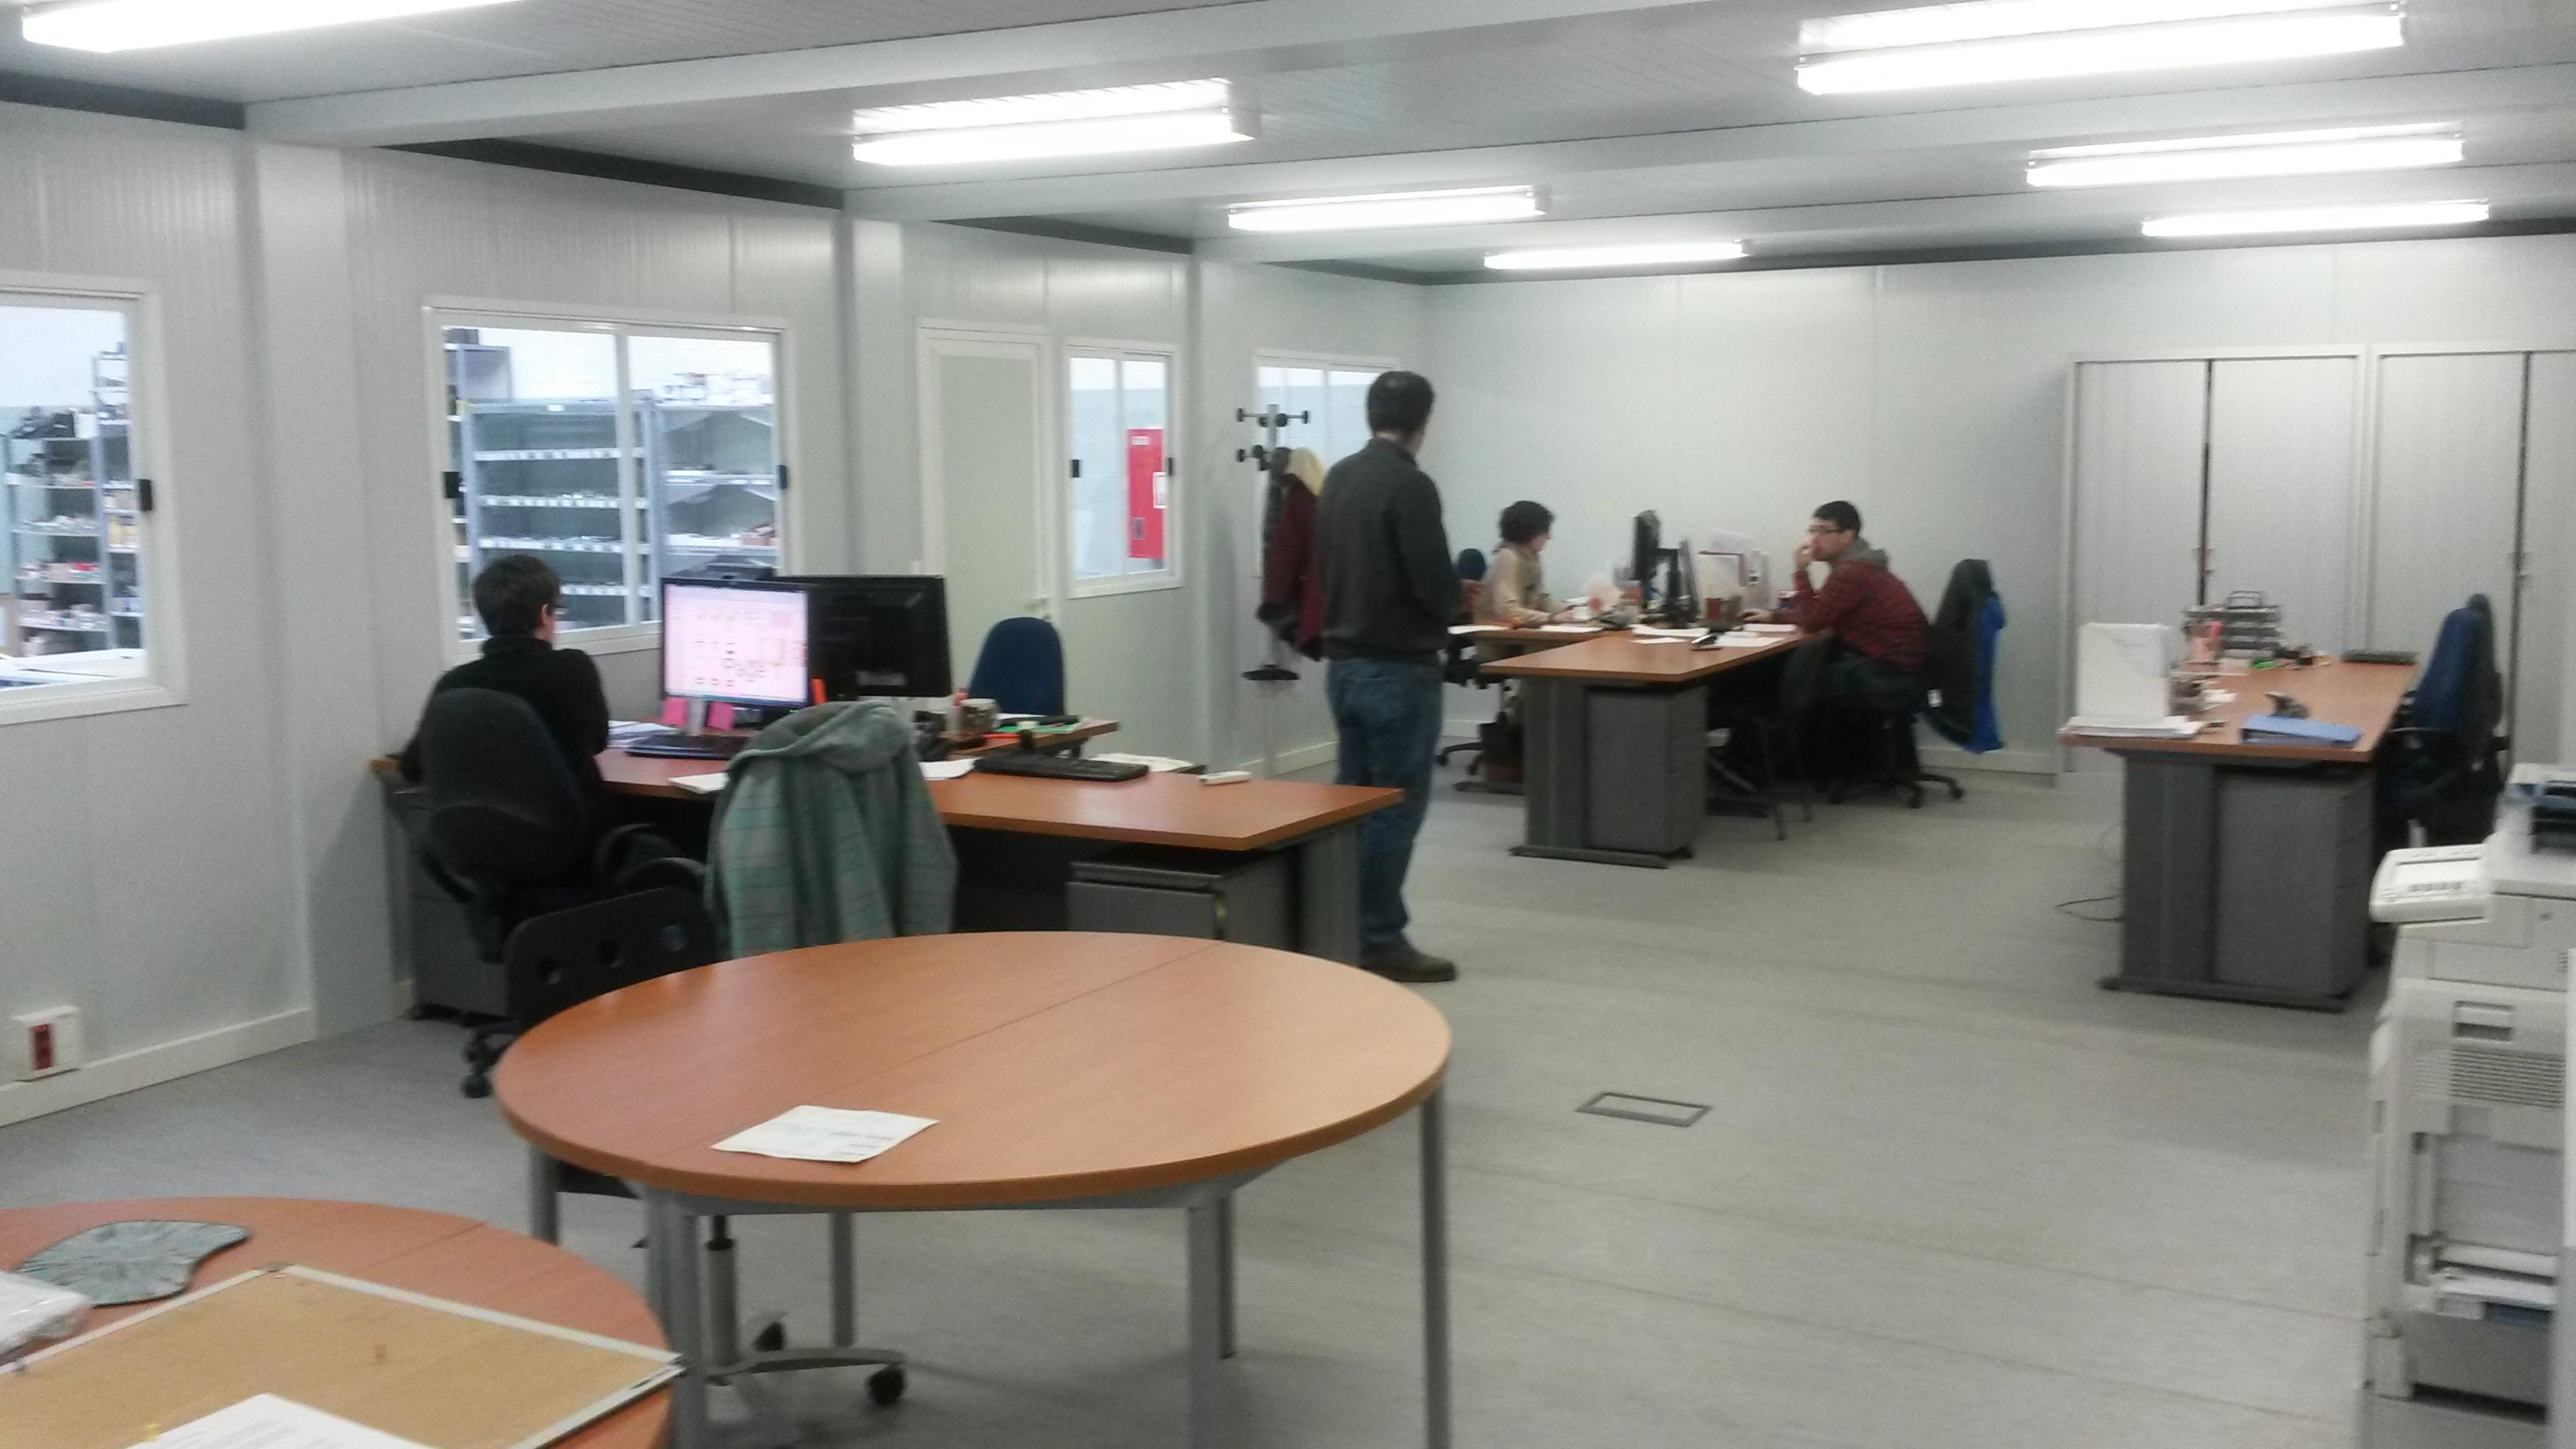 Balat oficinas modulares de interior en novargi balat for Construccion de oficinas modulares